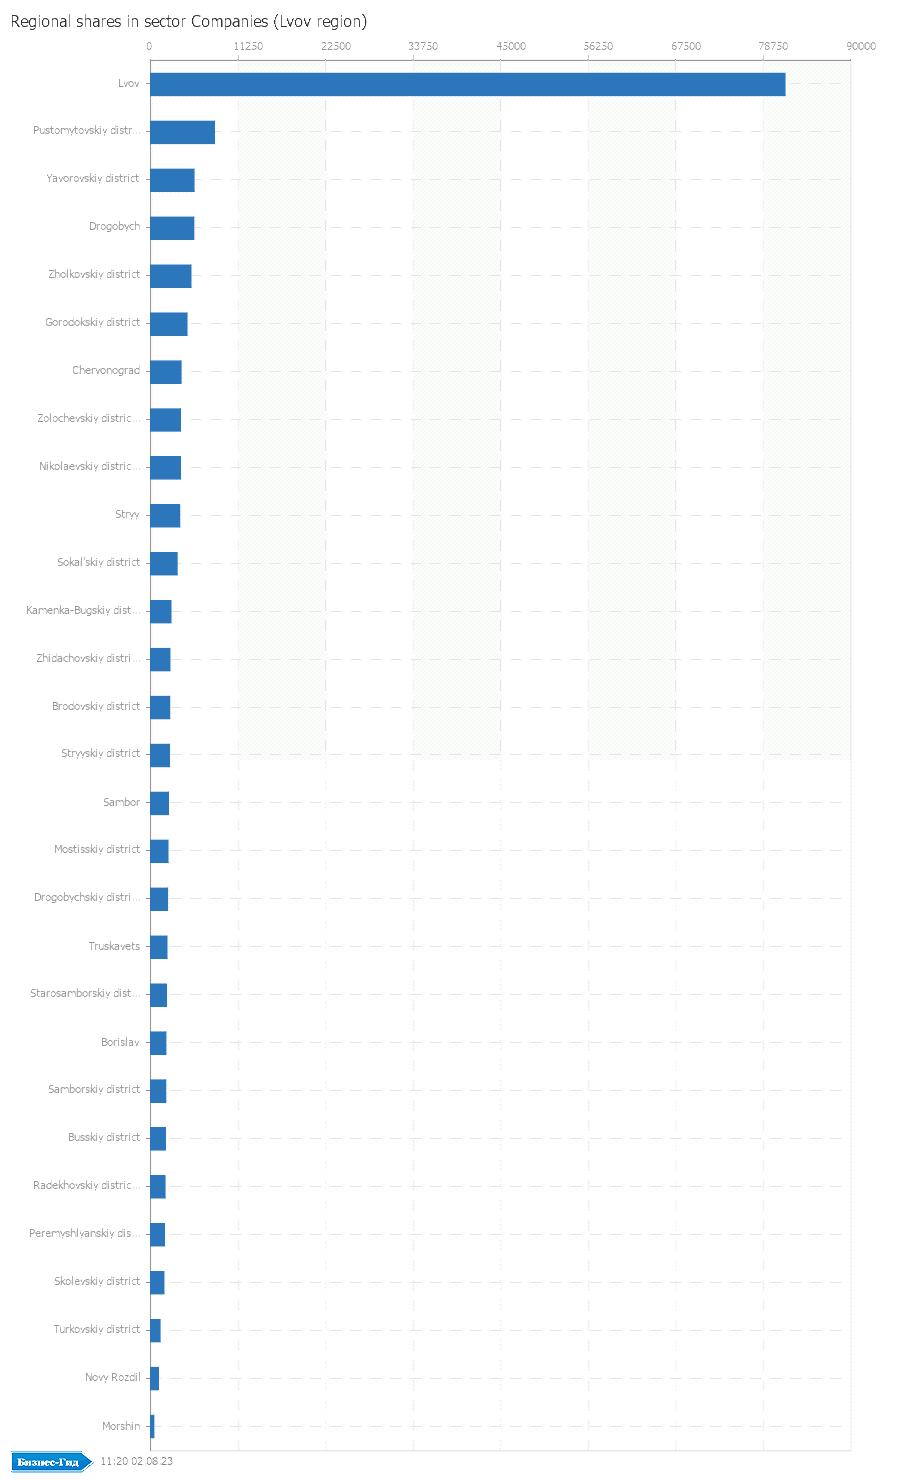 Регіональне розподілення у галузі: Companies (Lvov region)